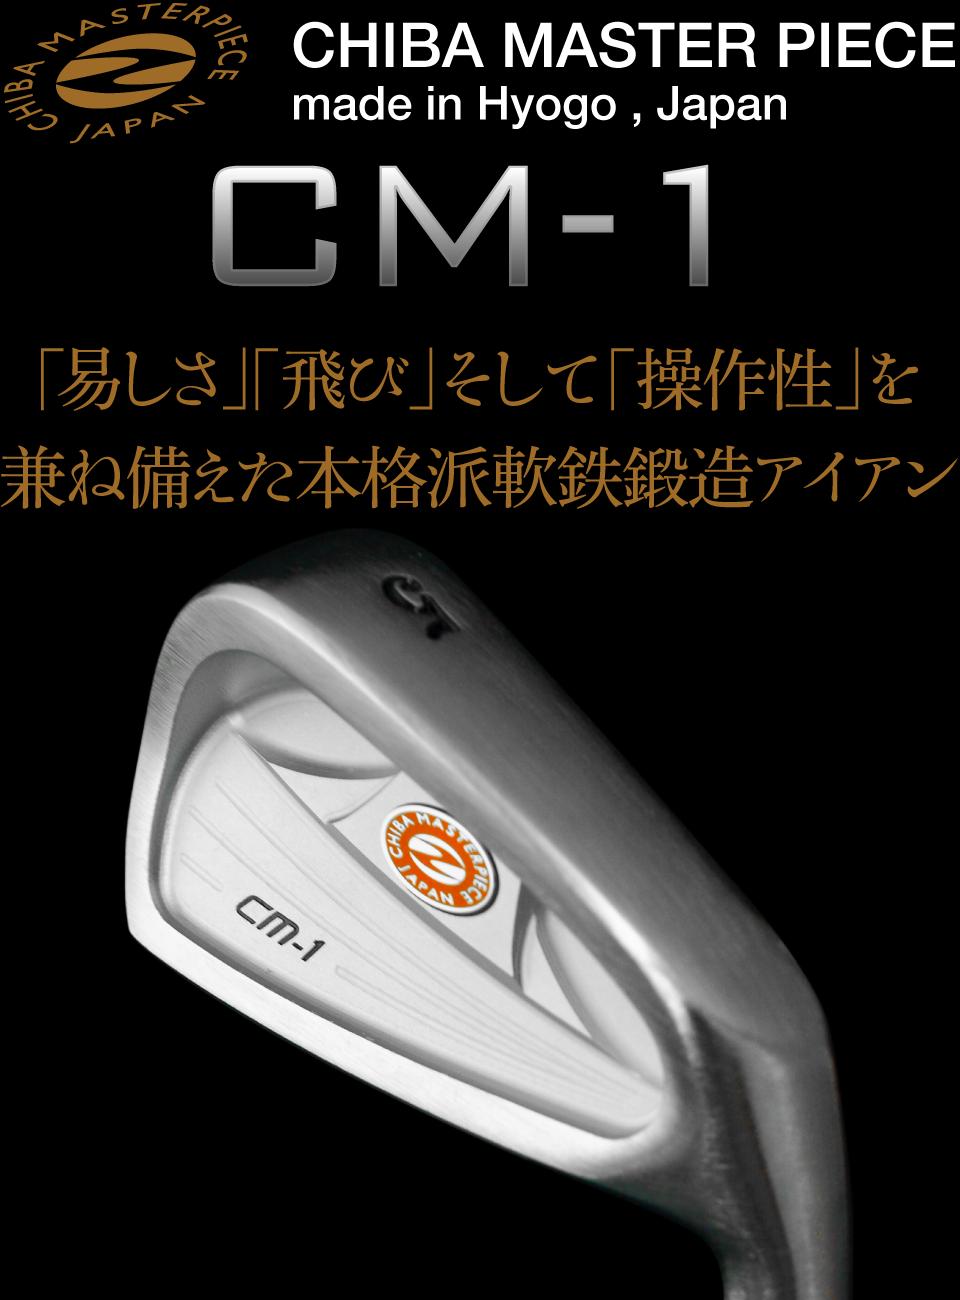 「易しさ」「飛び」そして「操作性」を 兼ね備えた本格派軟鉄鍛造アイアン CM-1